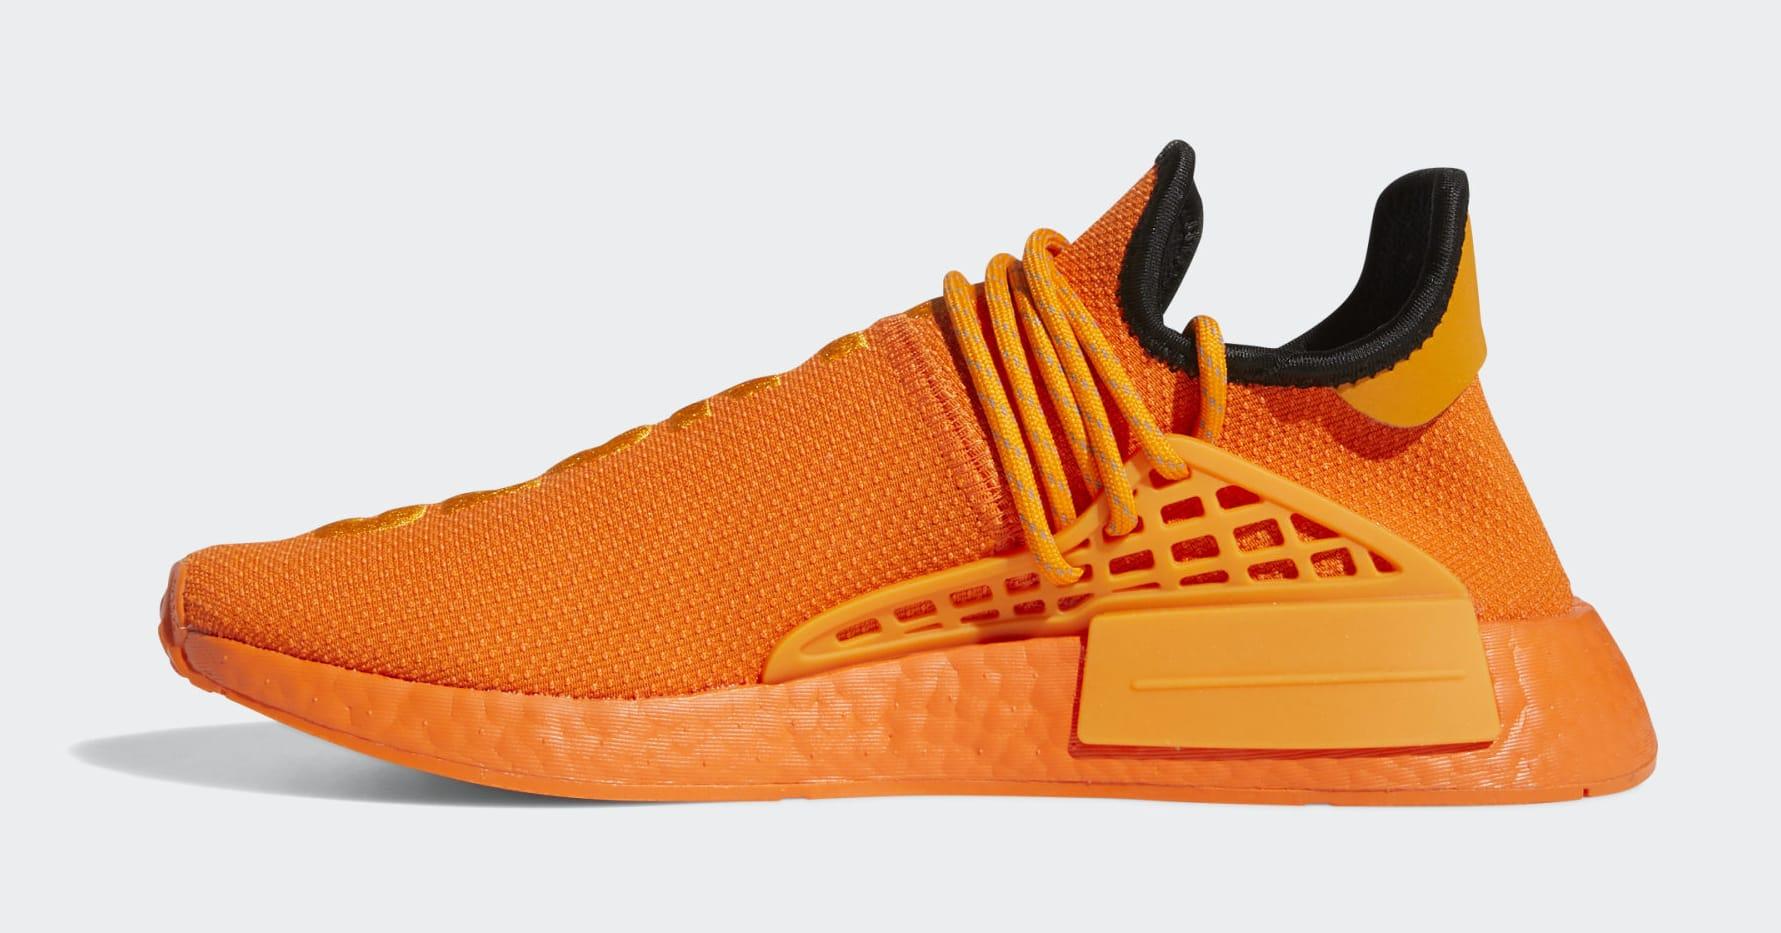 Pharrell x Adidas NMD Hu Orange GY0095 Medial